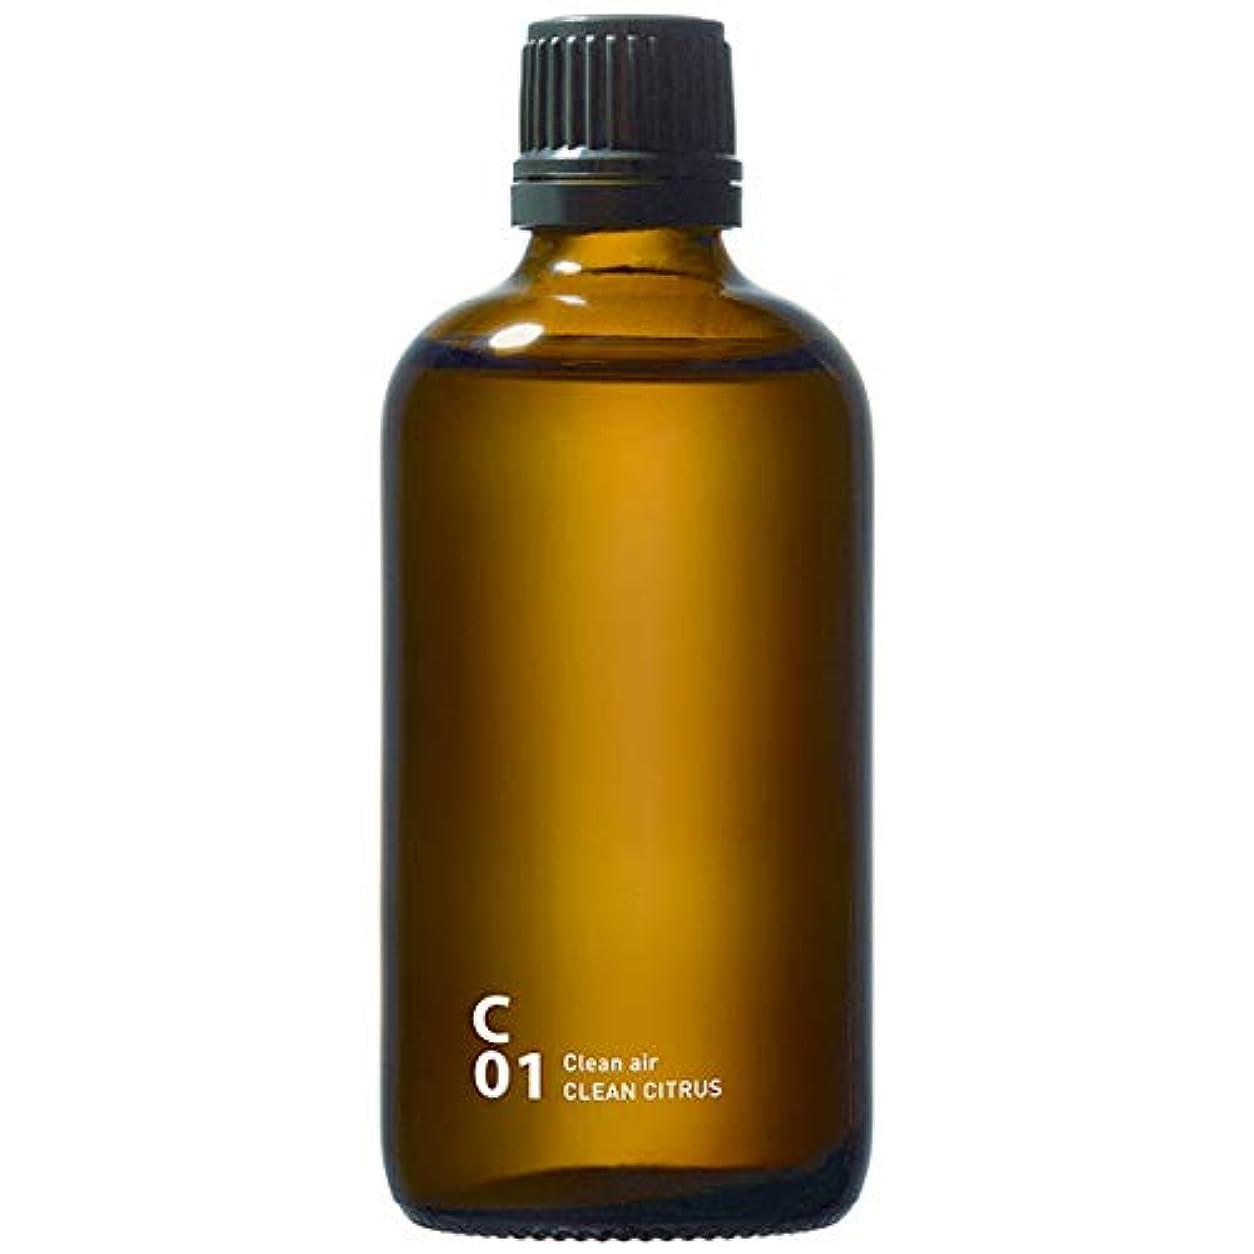 効率的に騒々しい取得するC01 CLEAN CITRUS piezo aroma oil 100ml